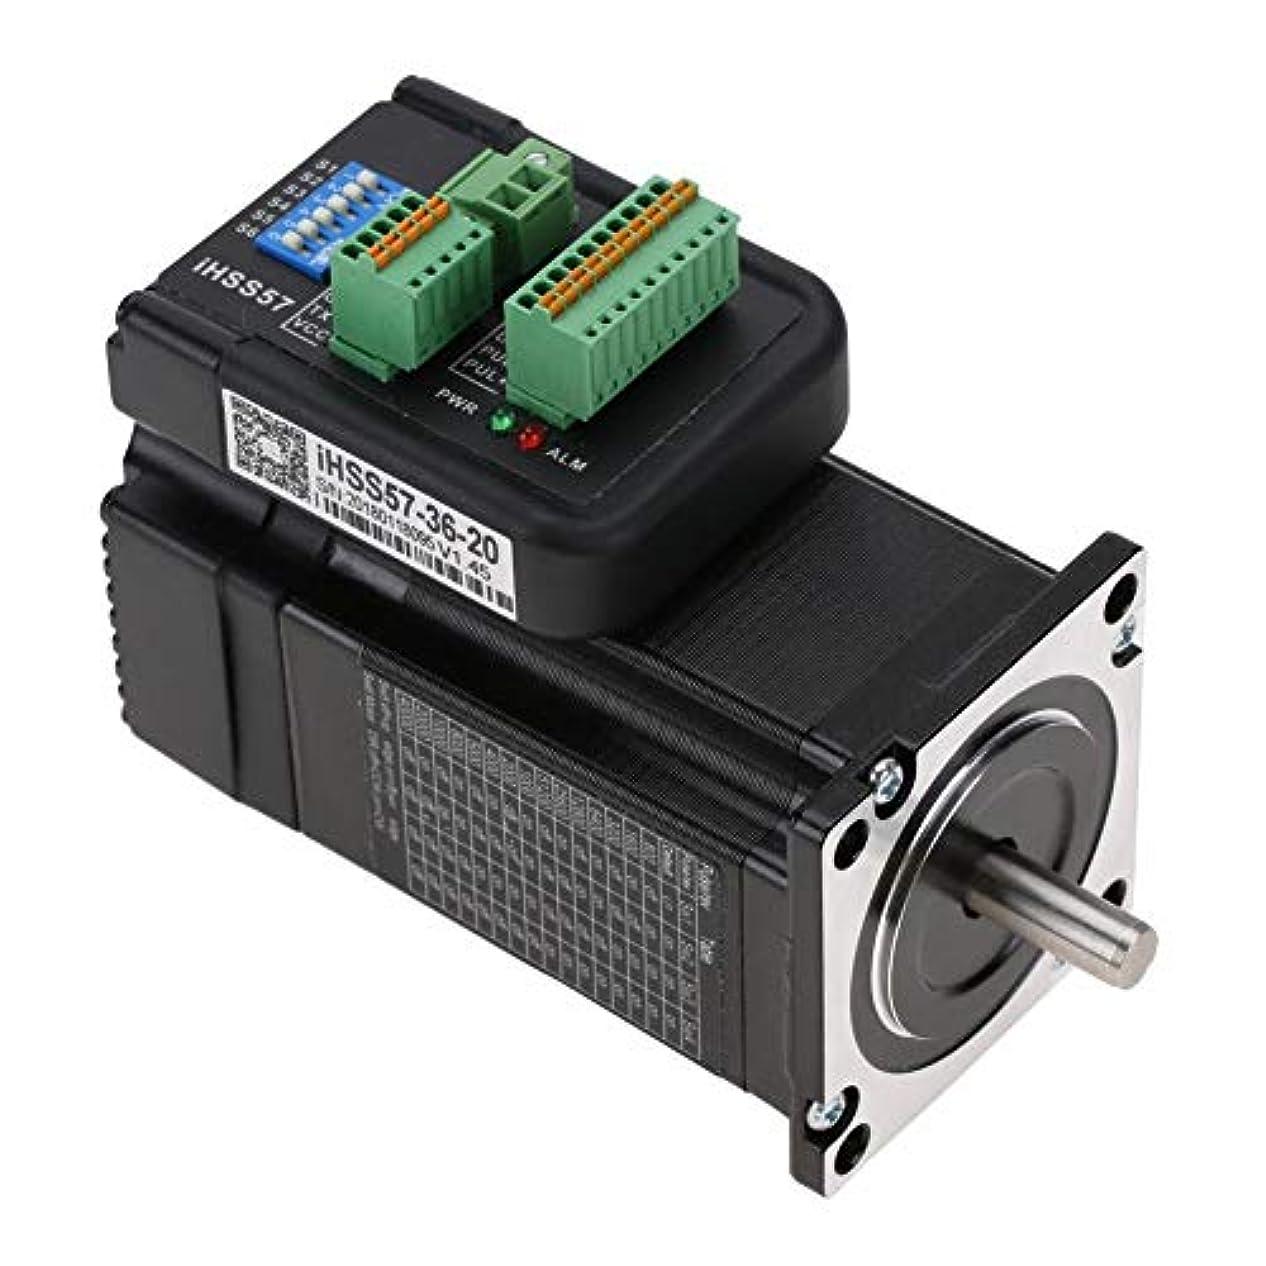 いたずらステープルカブNEMA23モータードライバーキット、2Nmハイブリッドクローズドループステッピングサーボモータードライバーキット36VDC iHSS57-36-20